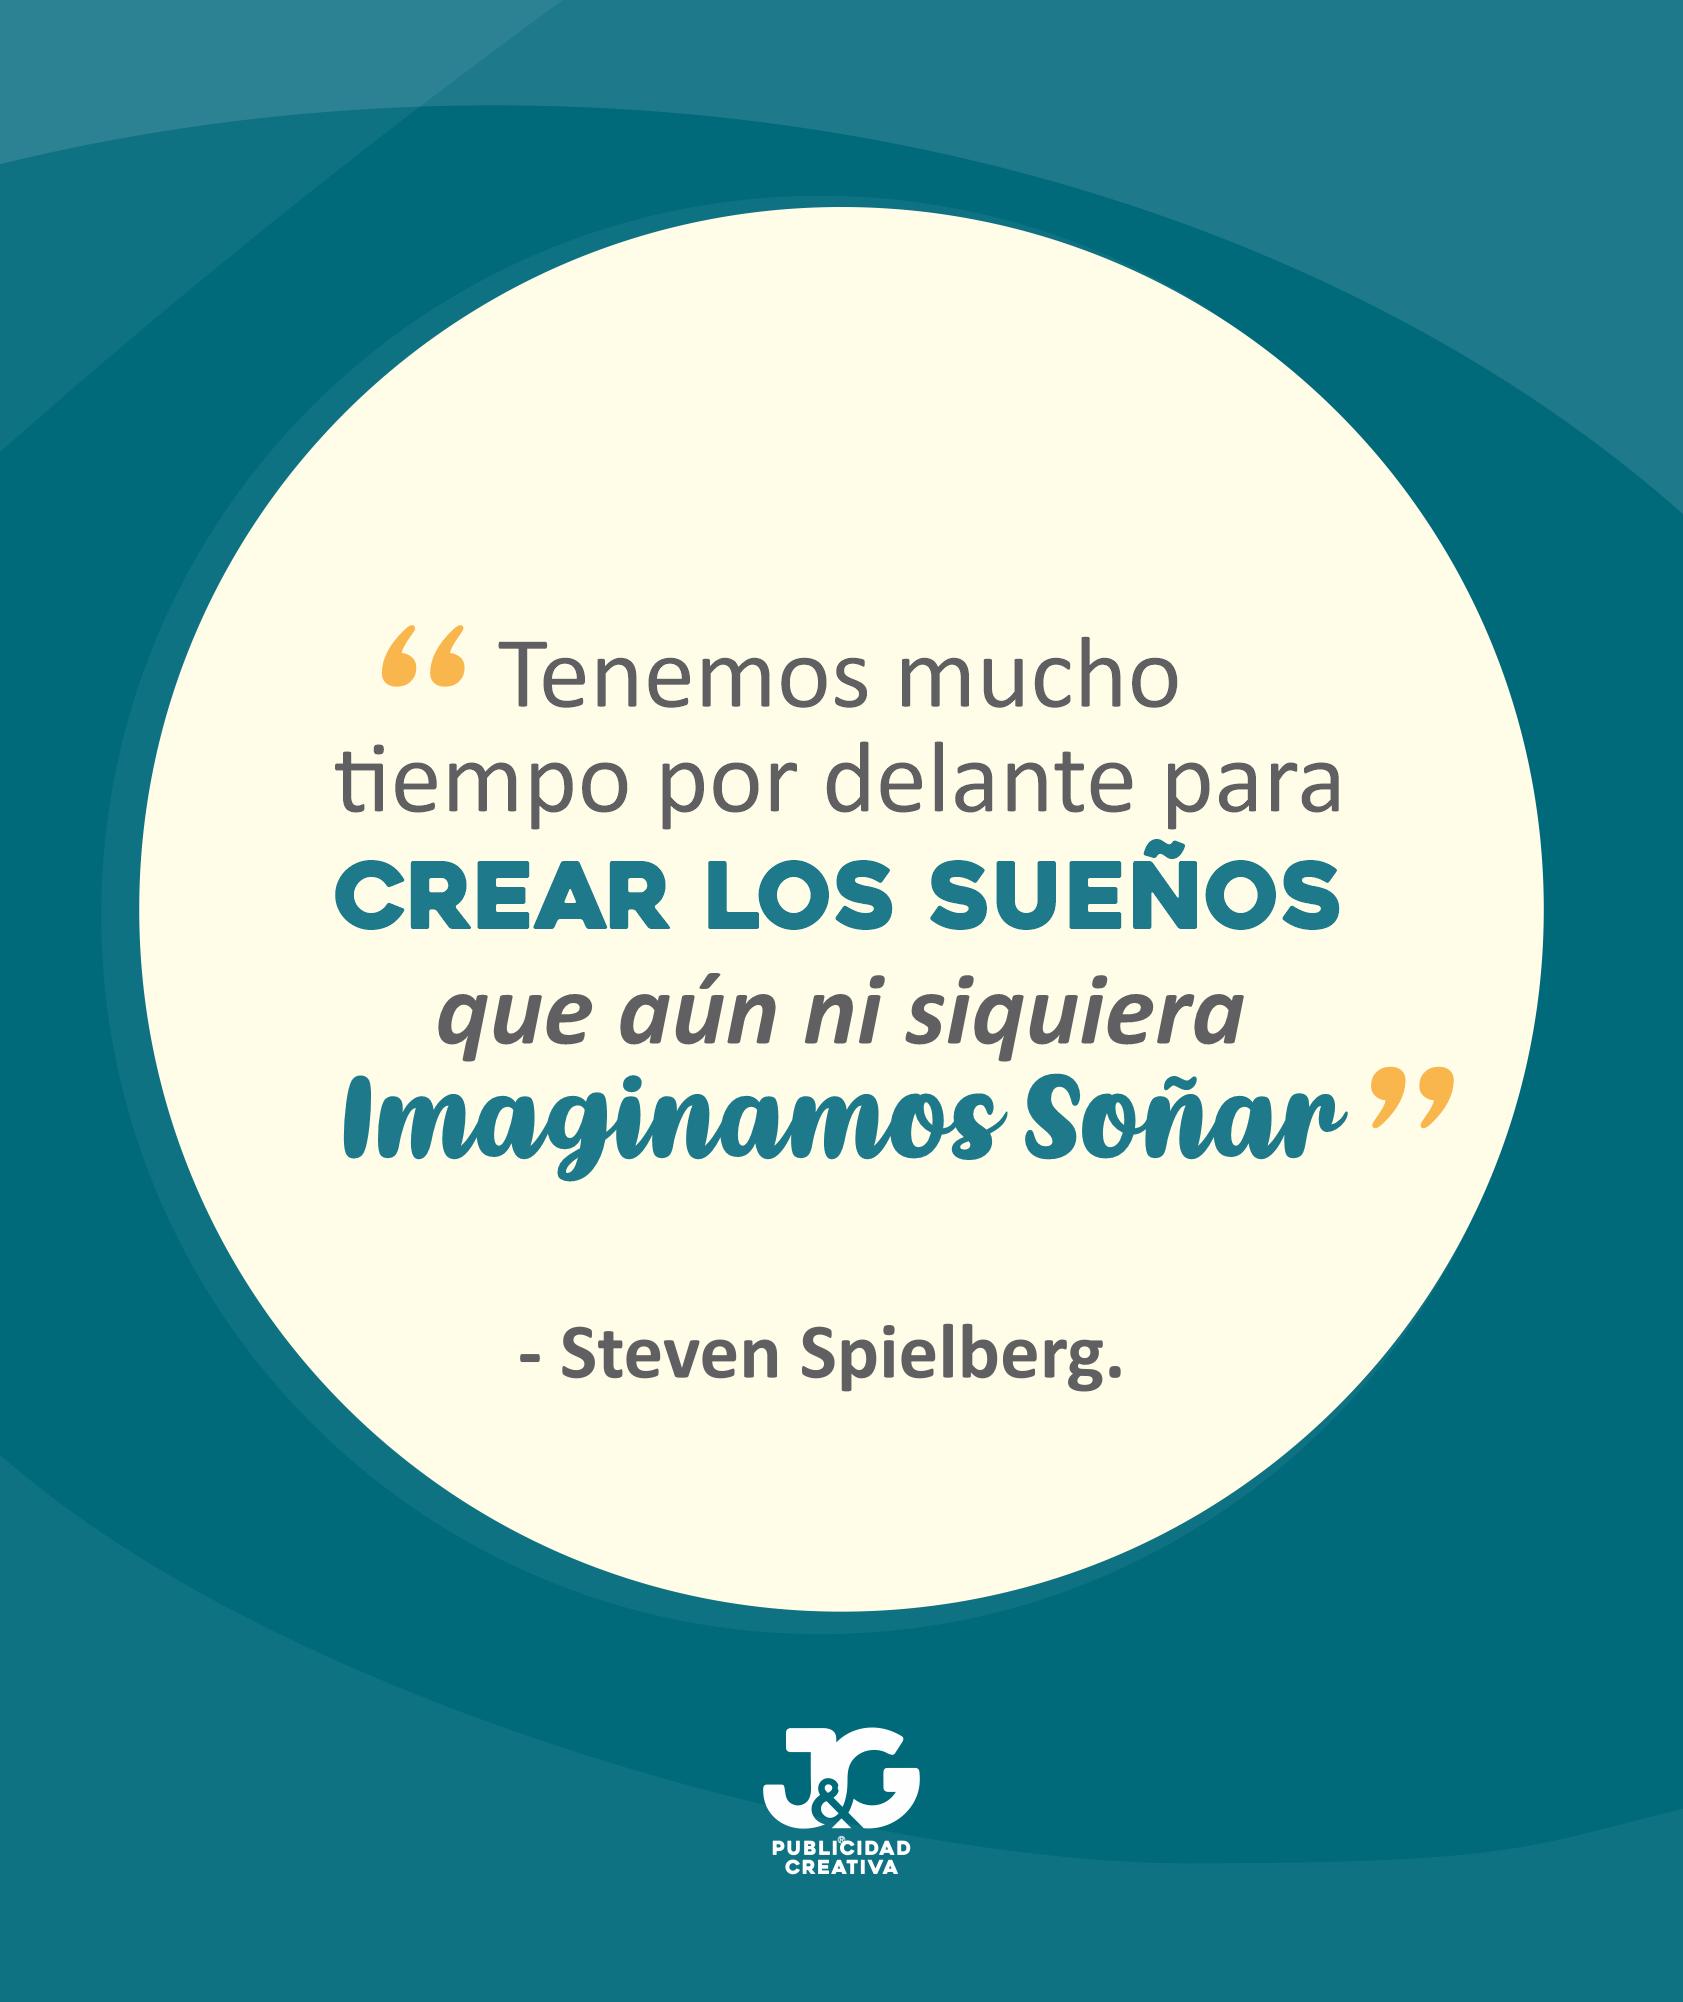 Stephen-Spielberg-JyG-Publicidad-Creativa